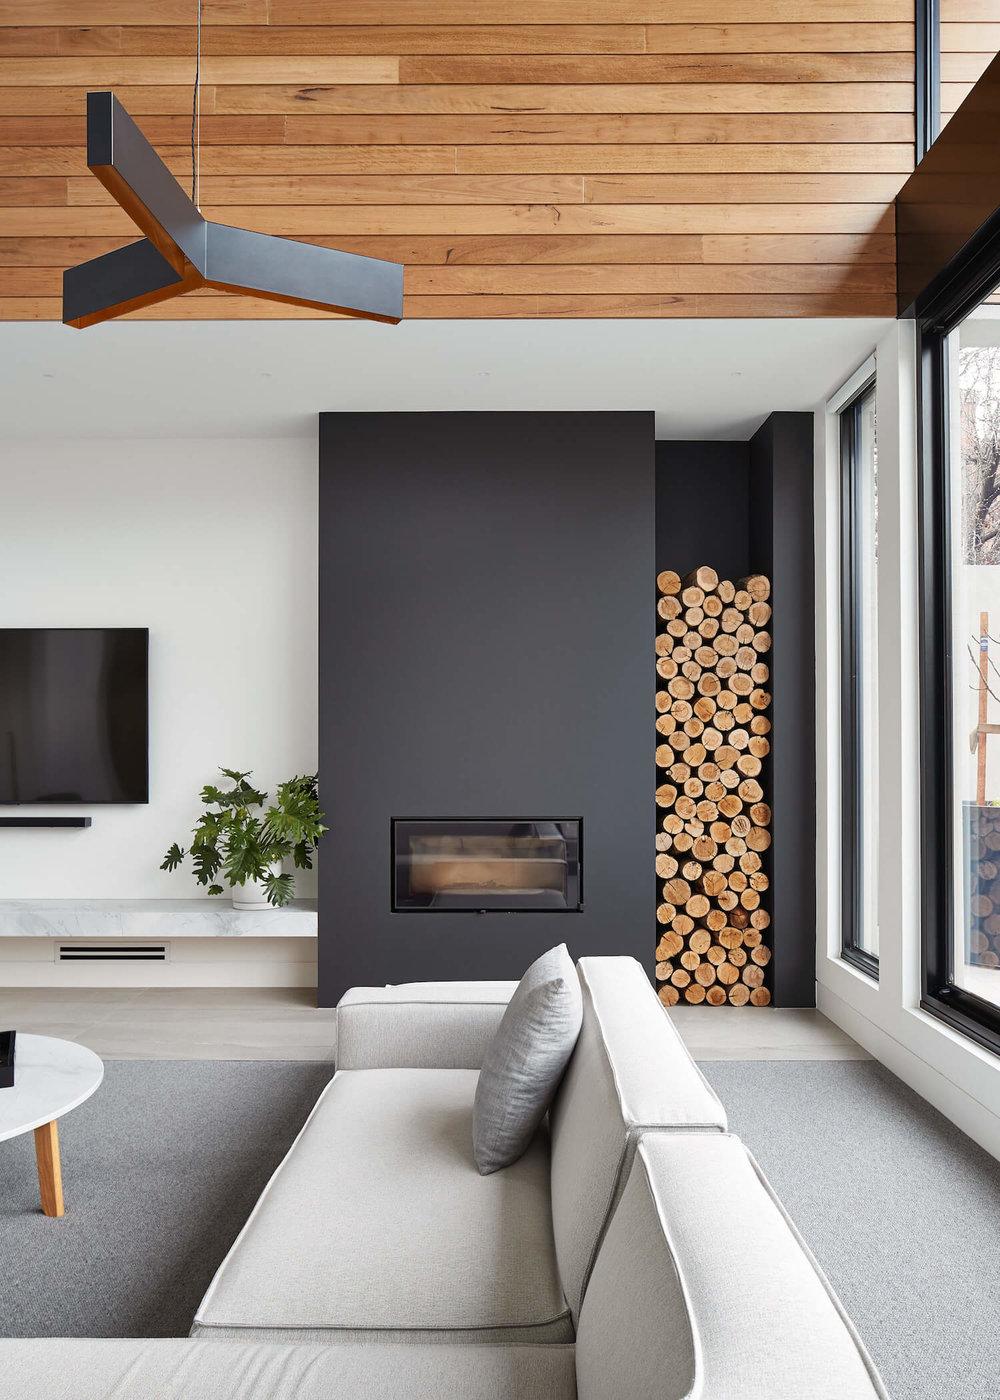 Dark focal fireplace wall via Est